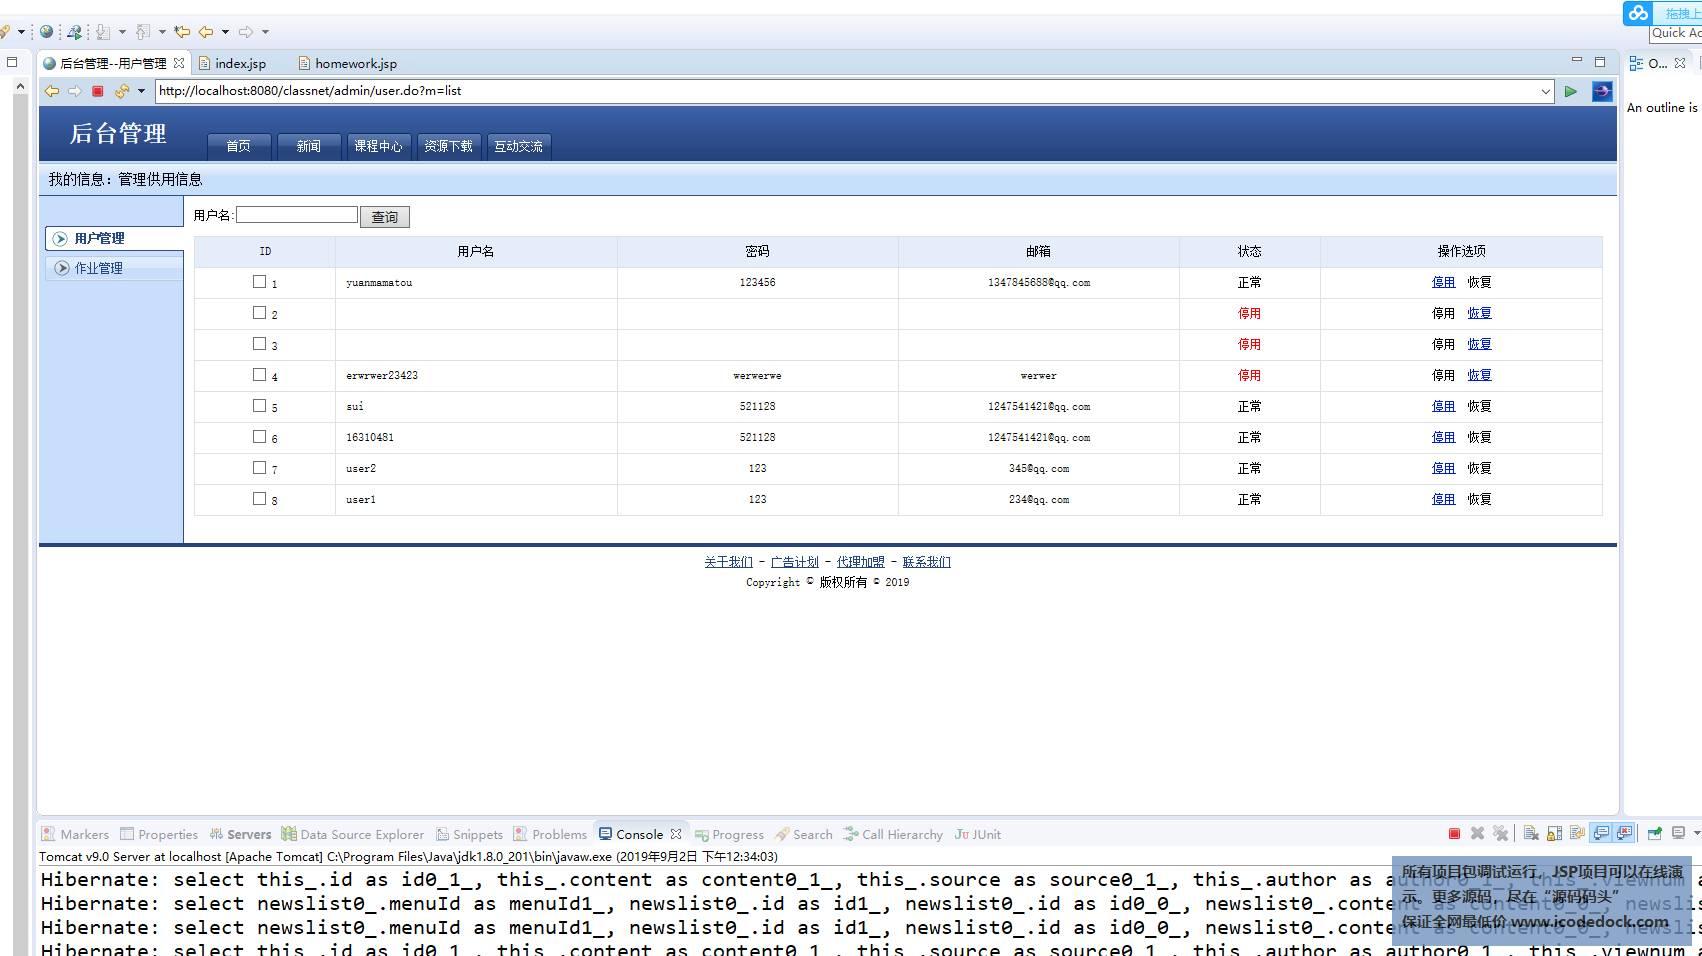 源码码头-SSH教学辅助视频学习交流管理系统-管理员角色-用户管理